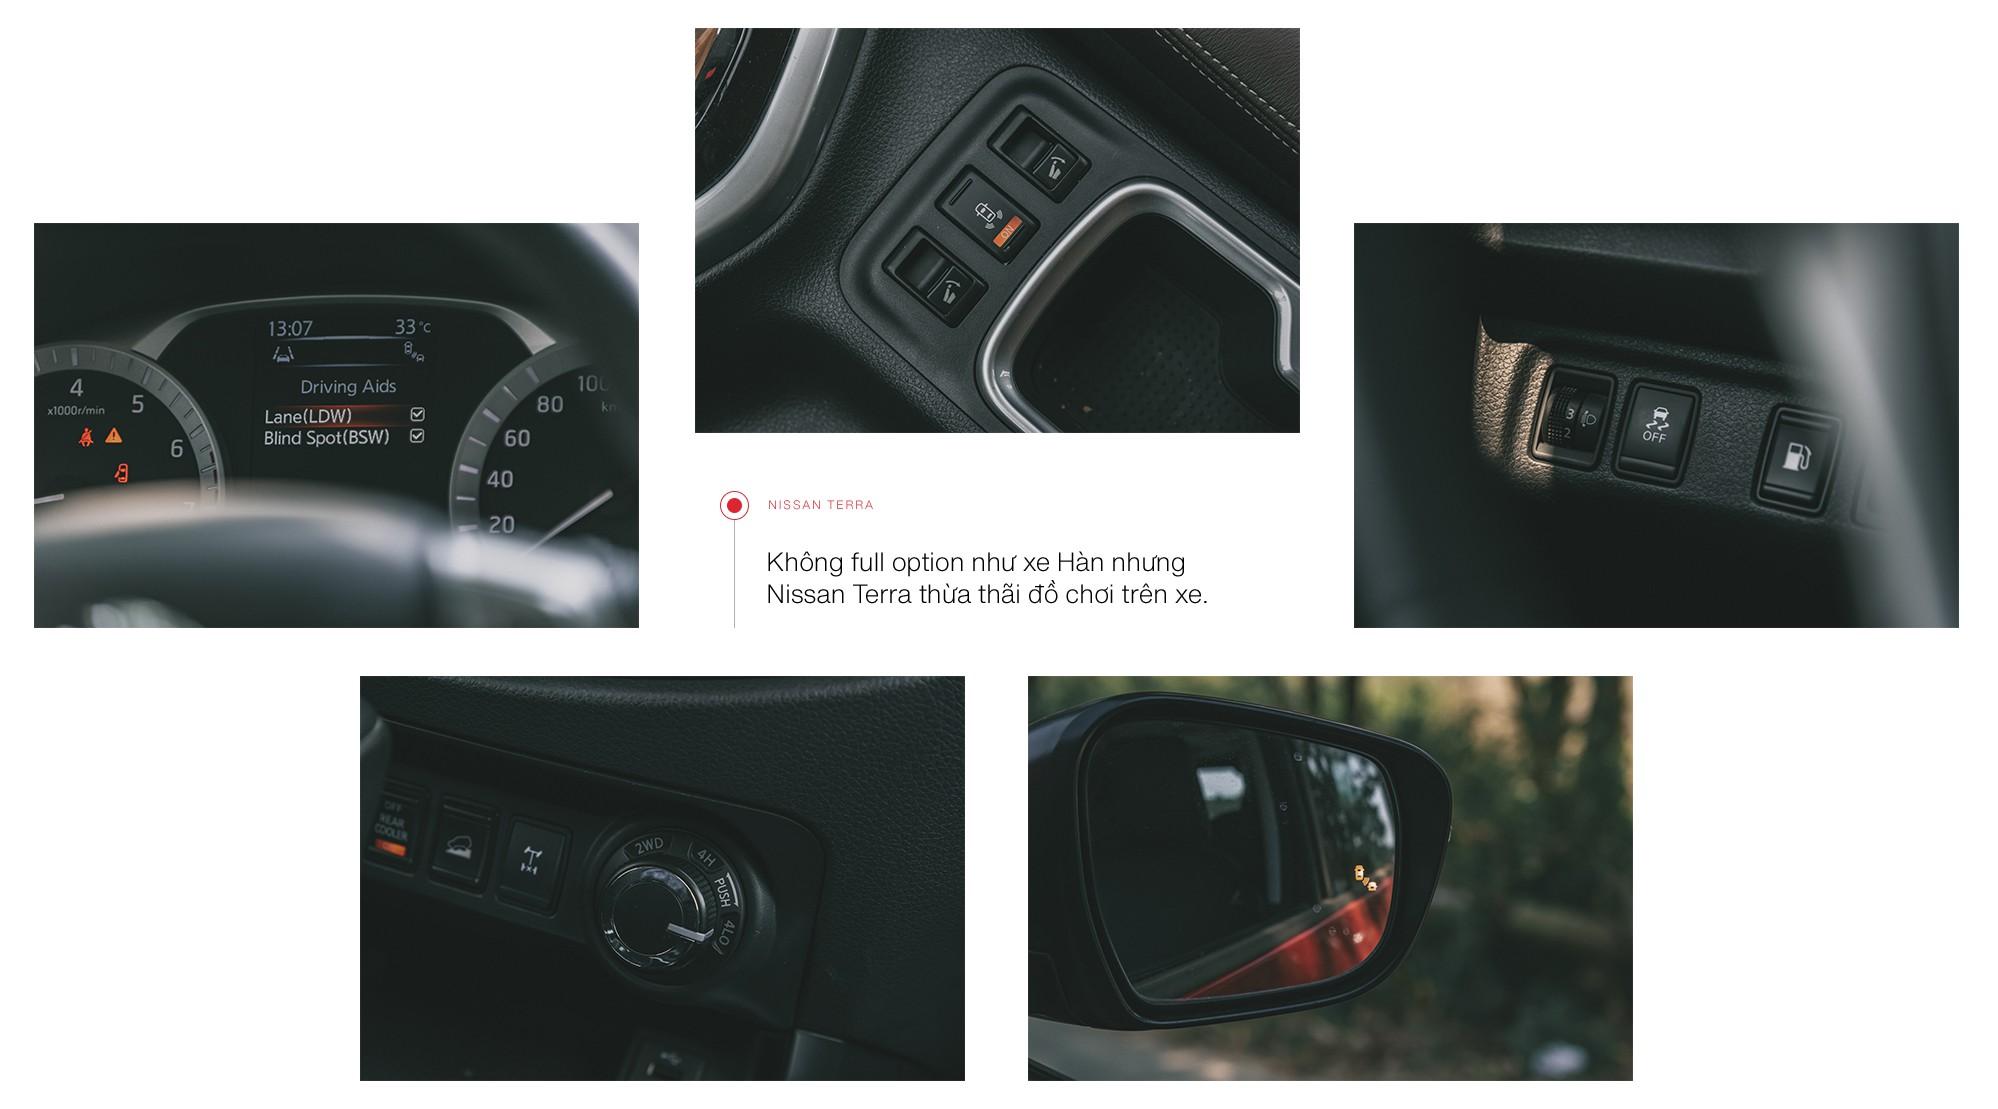 Đánh giá Nissan Terra: SUV 7 chỗ biết chiều chuộng người Việt - Ảnh 9.